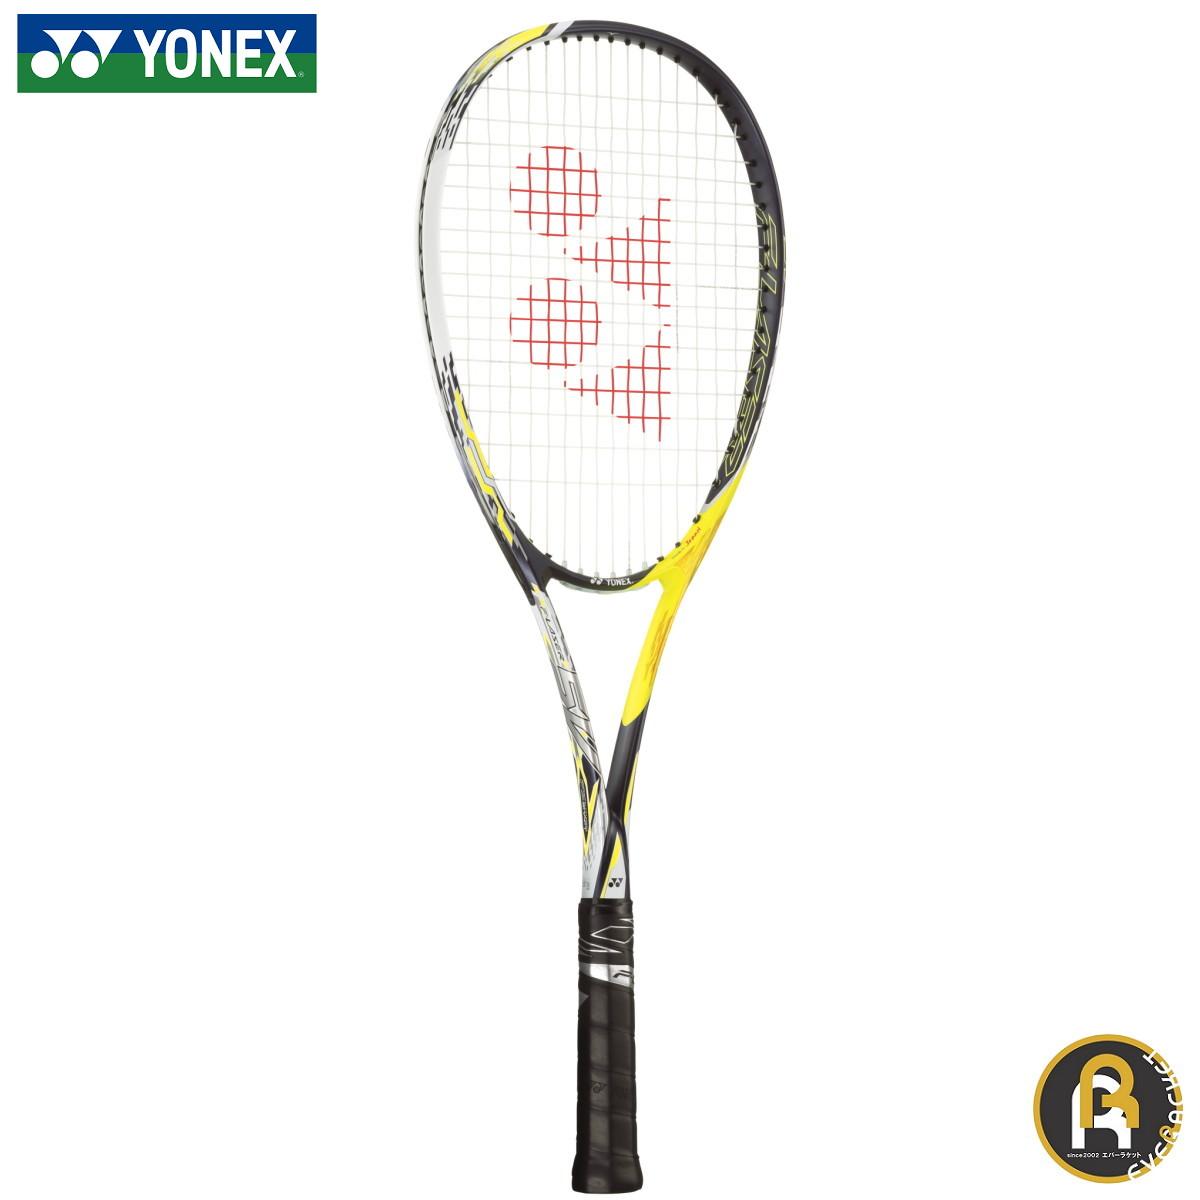 ヨネックス YONEX ソフトテニスラケット エフレーザー5V FLR5V ソフトテニス 《ガット代・張り代無料》